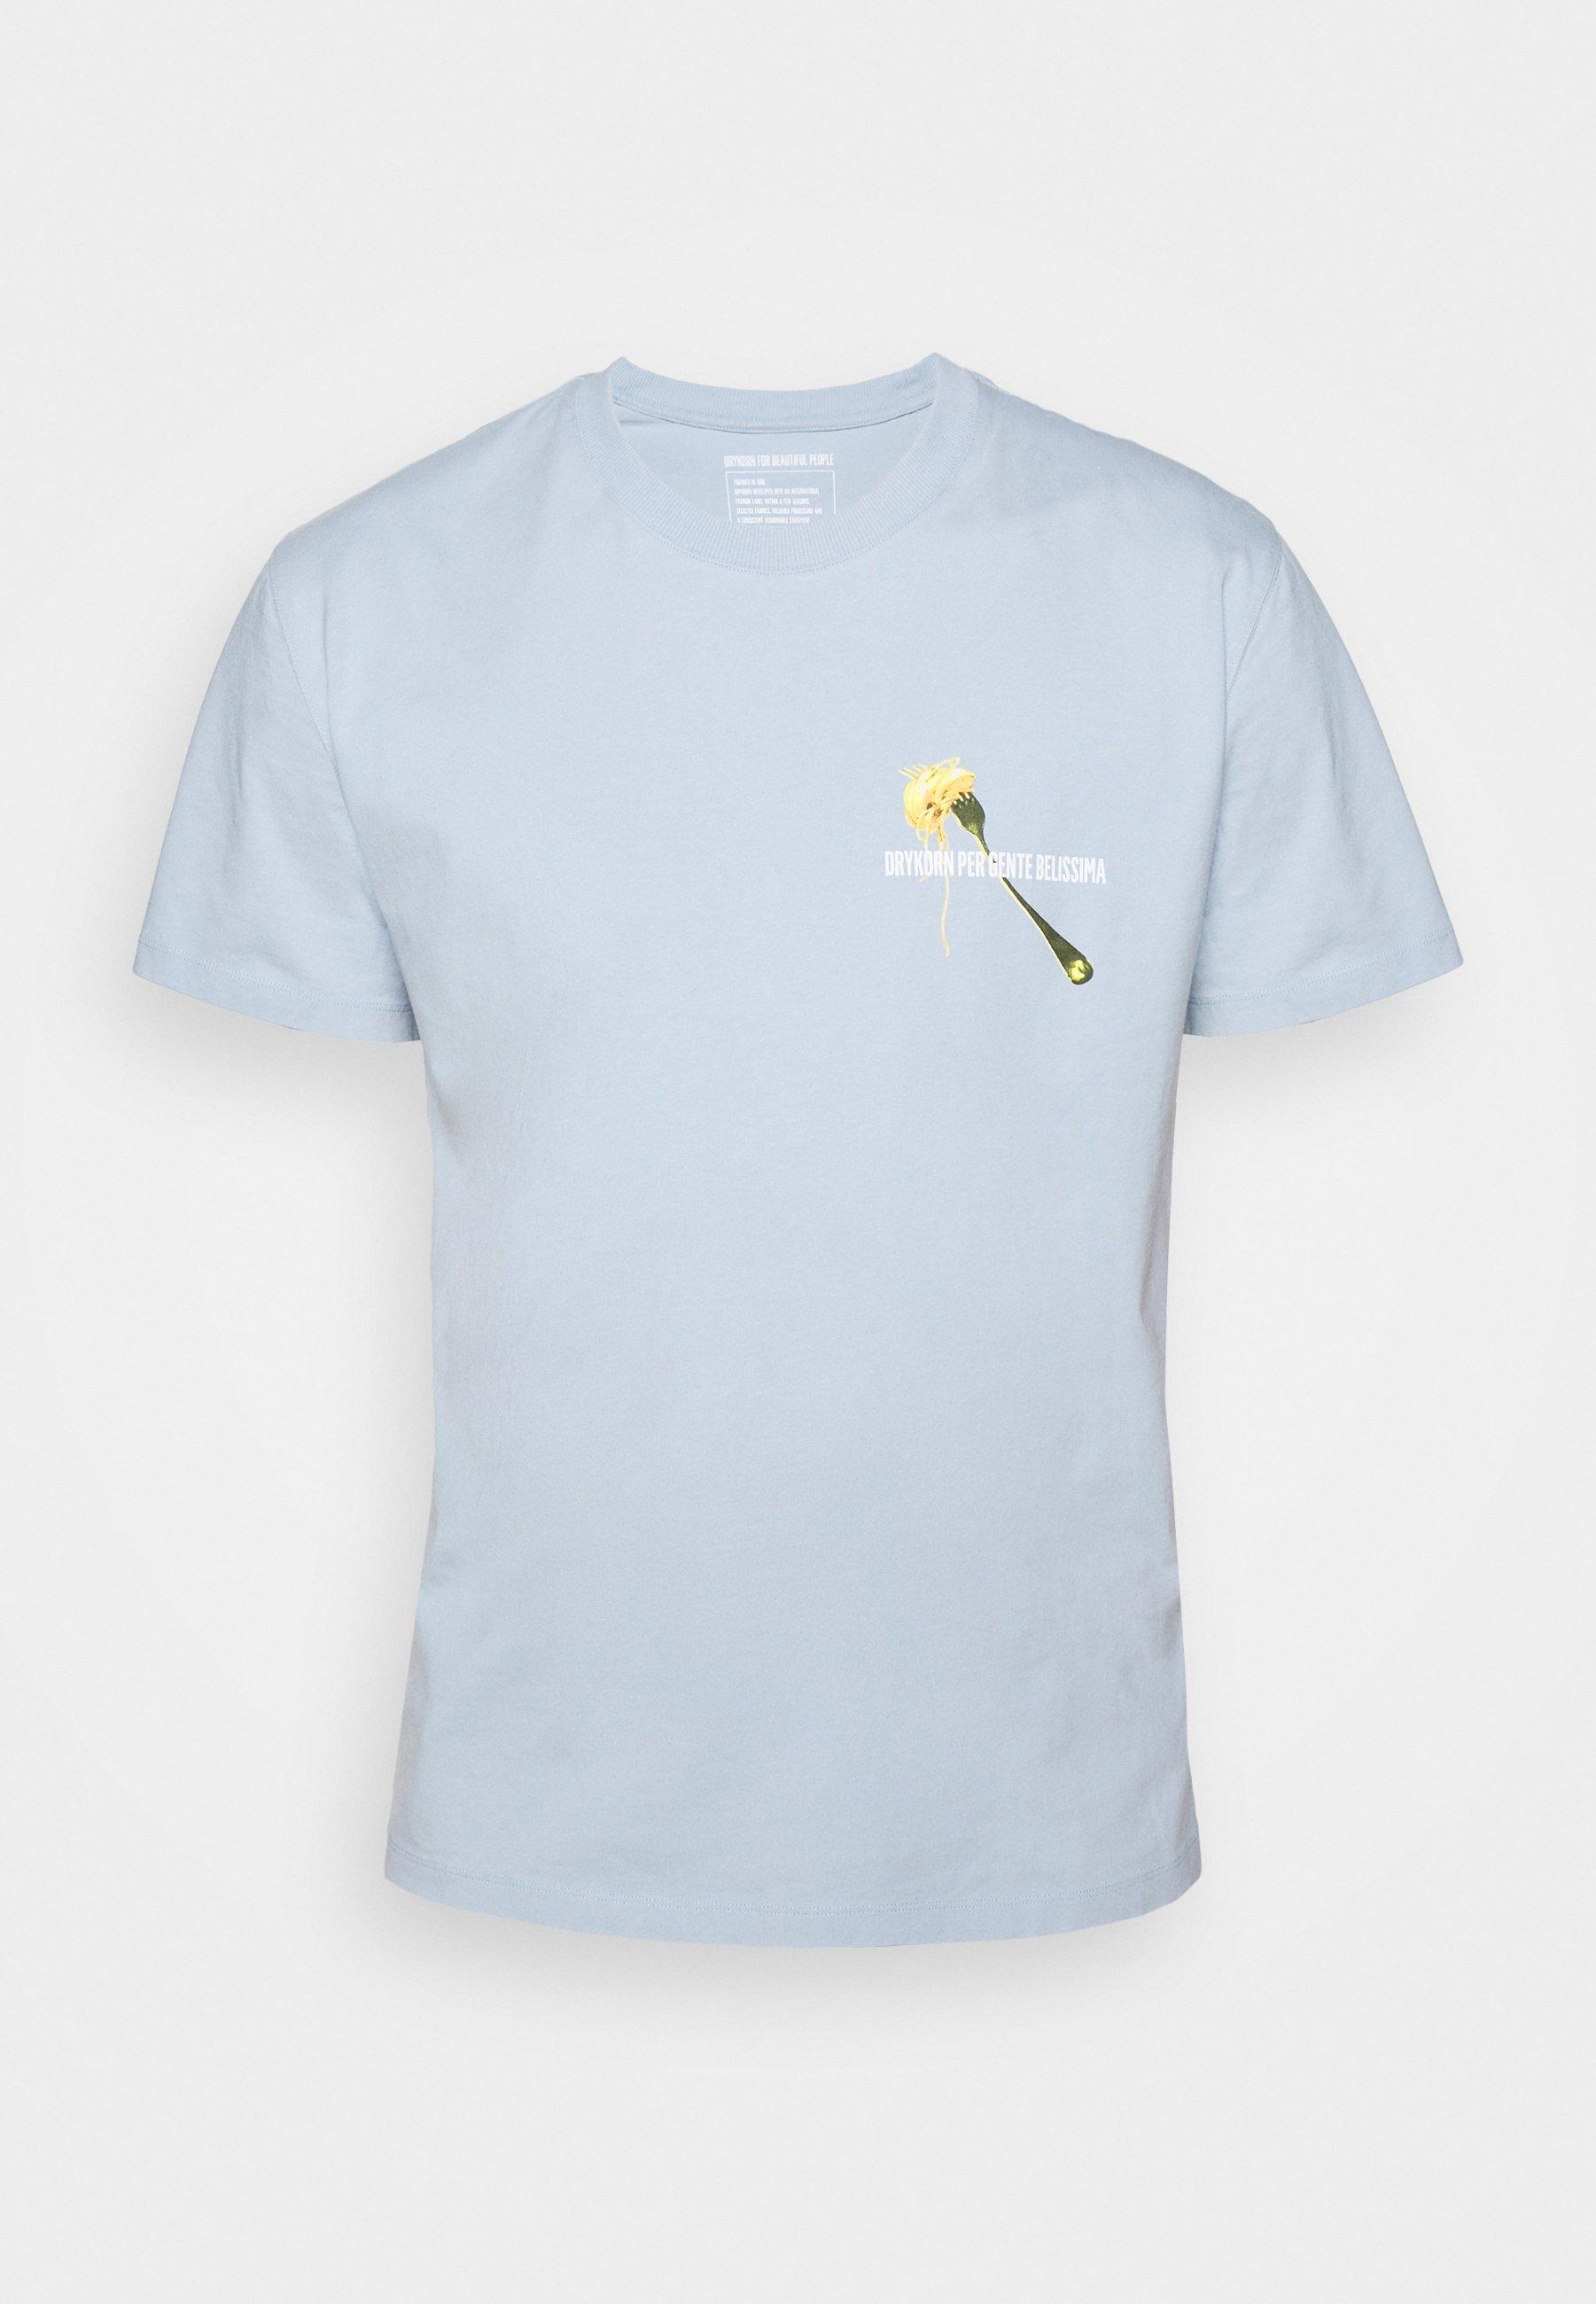 Homme SAMUEL PASTA - T-shirt imprimé